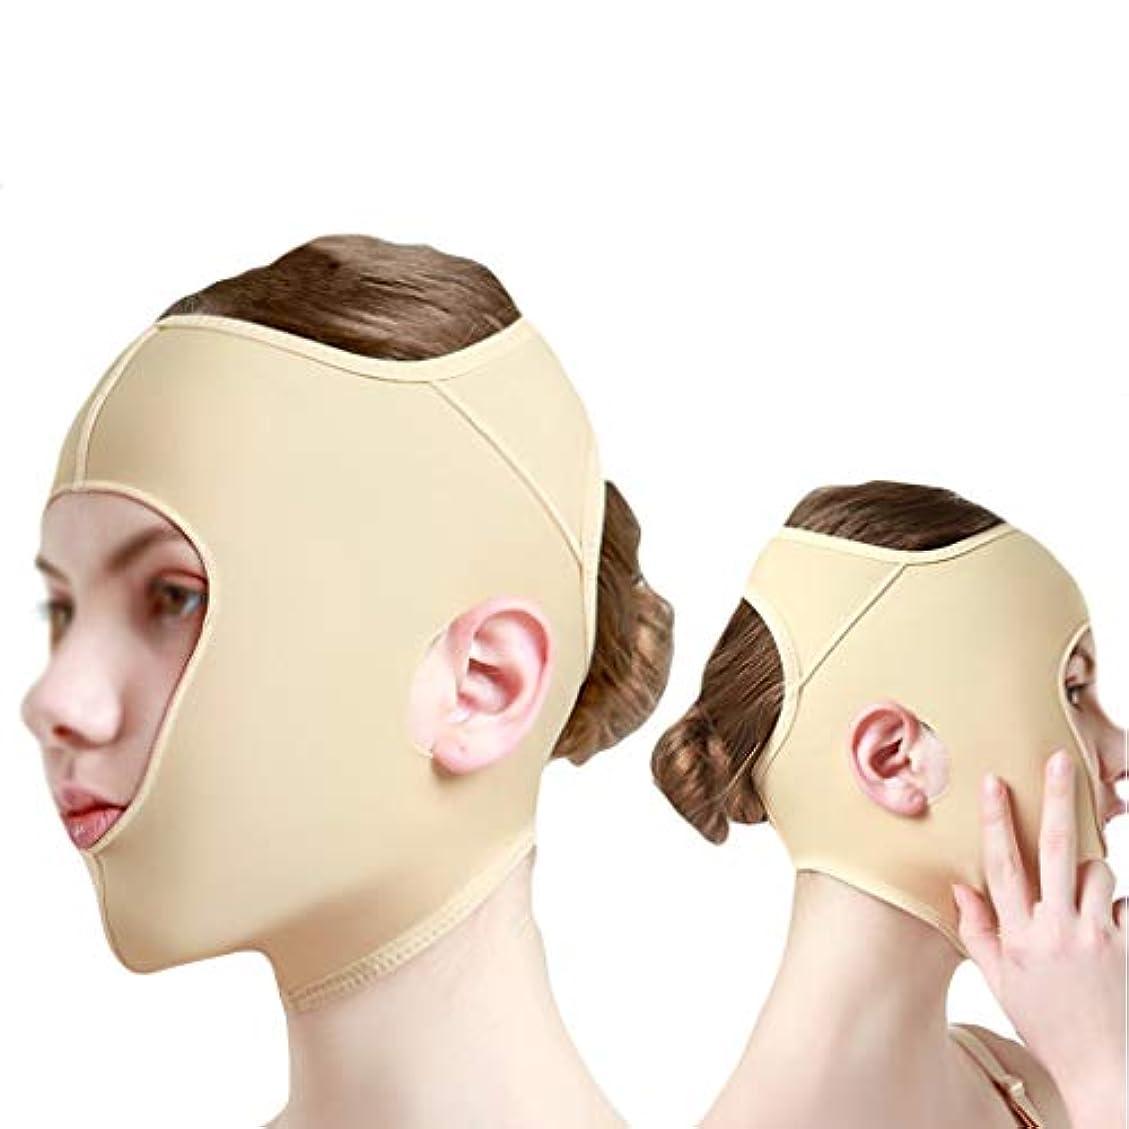 小石舌浪費顔の彫刻ツール、脂肪吸引フード、二重あご包帯、ストレッチマスク (Size : S)